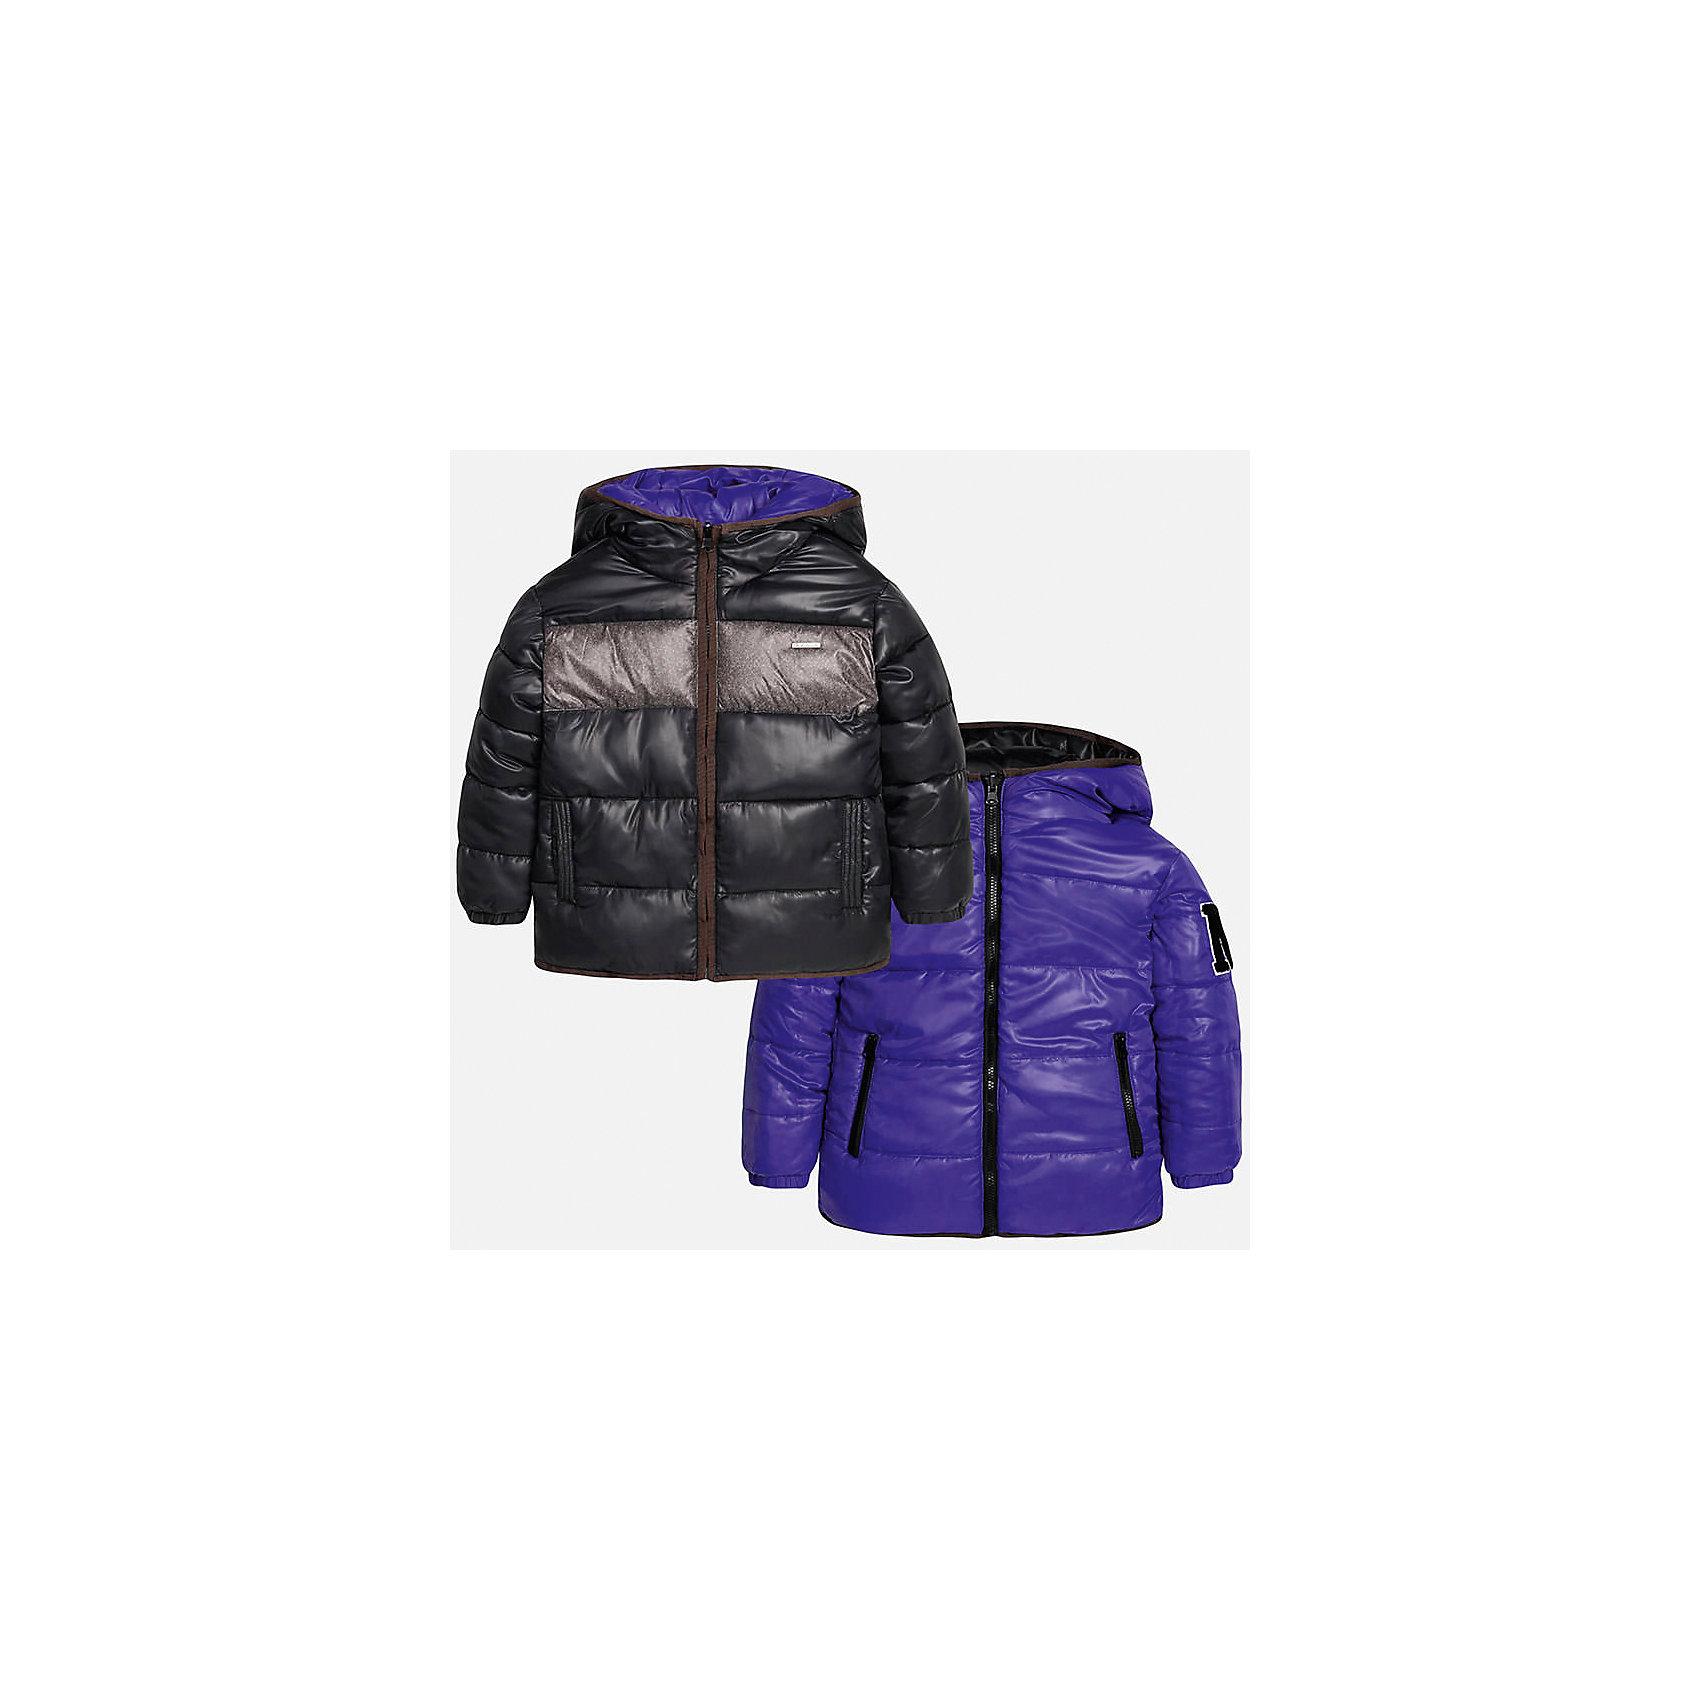 Куртка-трансформер для мальчика MayoralВерхняя одежда<br>Куртка-трансформер для мальчика из коллекции осень-зима 2016-2017 известного испанского бренда Mayoral (Майорал). Стильная и удобная куртка сразу в двух цветах придет по вкусу вашему ребенку. Яркий фиолетовый цвет можно сменить на классический черный с пестрой серой полосой, цвета отлично сочетаются с дизайном куртки. Материал куртки – непромокаемая и непродуваемая плащевая ткань, в качестве утеплителя использован синтепон. Куртка застегивается на молнию, а также имеет 4 кармана (два внутренних, два внешних) и махровую нашивку с дизайном. Эта куртка отлично подойдет к брюкам, а также к джинсам или штанам спортивного стиля.<br><br>Дополнительная информация:<br><br>- Рукав: длинный<br>- Силуэт: прямой<br>- Утеплитель: синтепон<br>Состав: полиэстер 100%<br>Куртку-трансформер для мальчиков Mayoral (Майорал) можно купить в нашем интернет-магазине.<br><br>Подробнее:<br>• Для детей в возрасте: от 10 до 16 лет<br>• Номер товара: 4827163<br>Страна производитель: Китай<br><br>Ширина мм: 356<br>Глубина мм: 10<br>Высота мм: 245<br>Вес г: 519<br>Цвет: синий<br>Возраст от месяцев: 108<br>Возраст до месяцев: 120<br>Пол: Мужской<br>Возраст: Детский<br>Размер: 140/146,152/158,164/170,158/164,128/134,146/152<br>SKU: 4827162